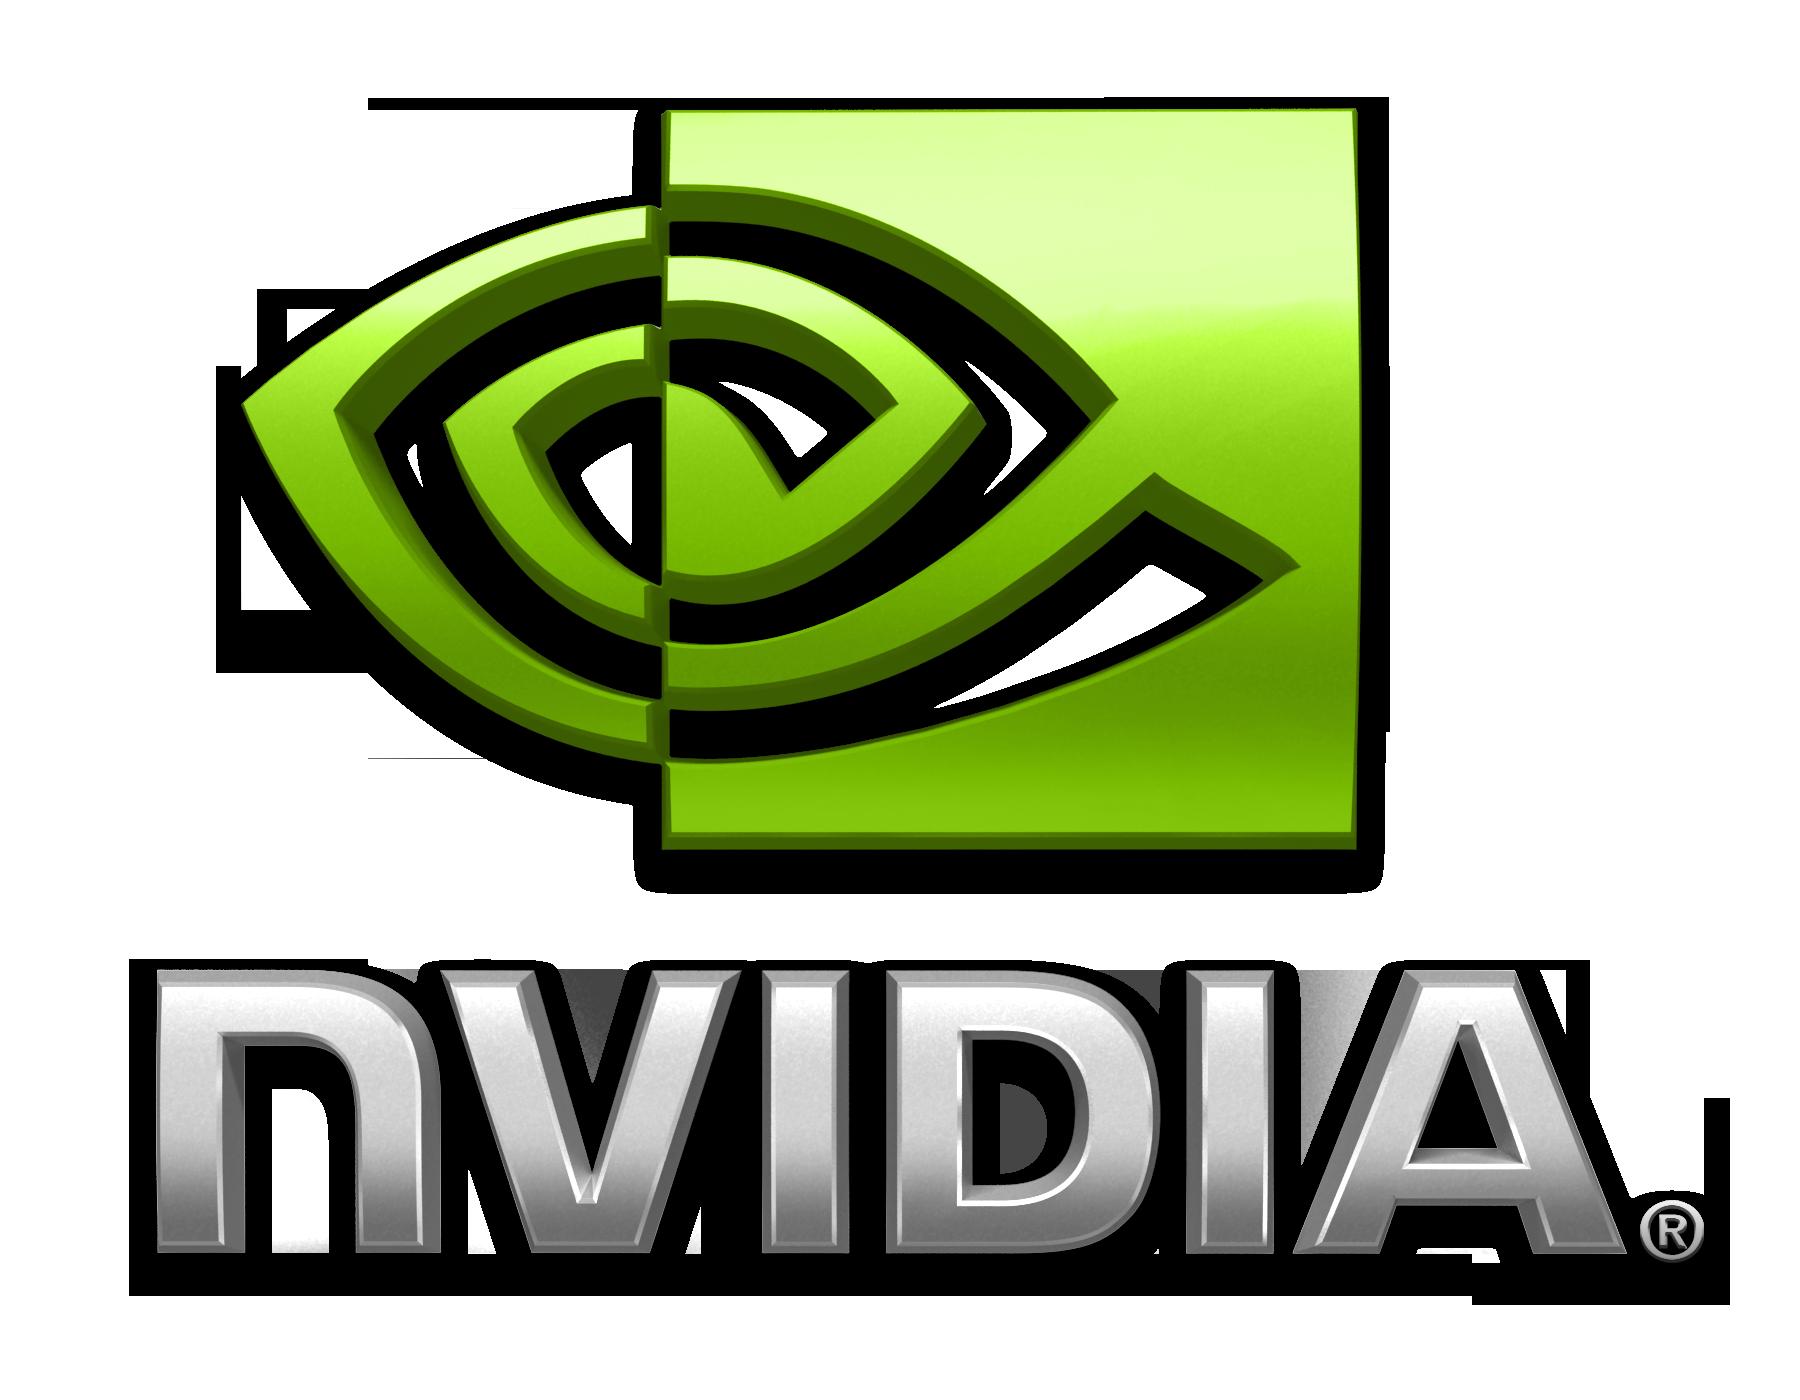 nvidia logo 5